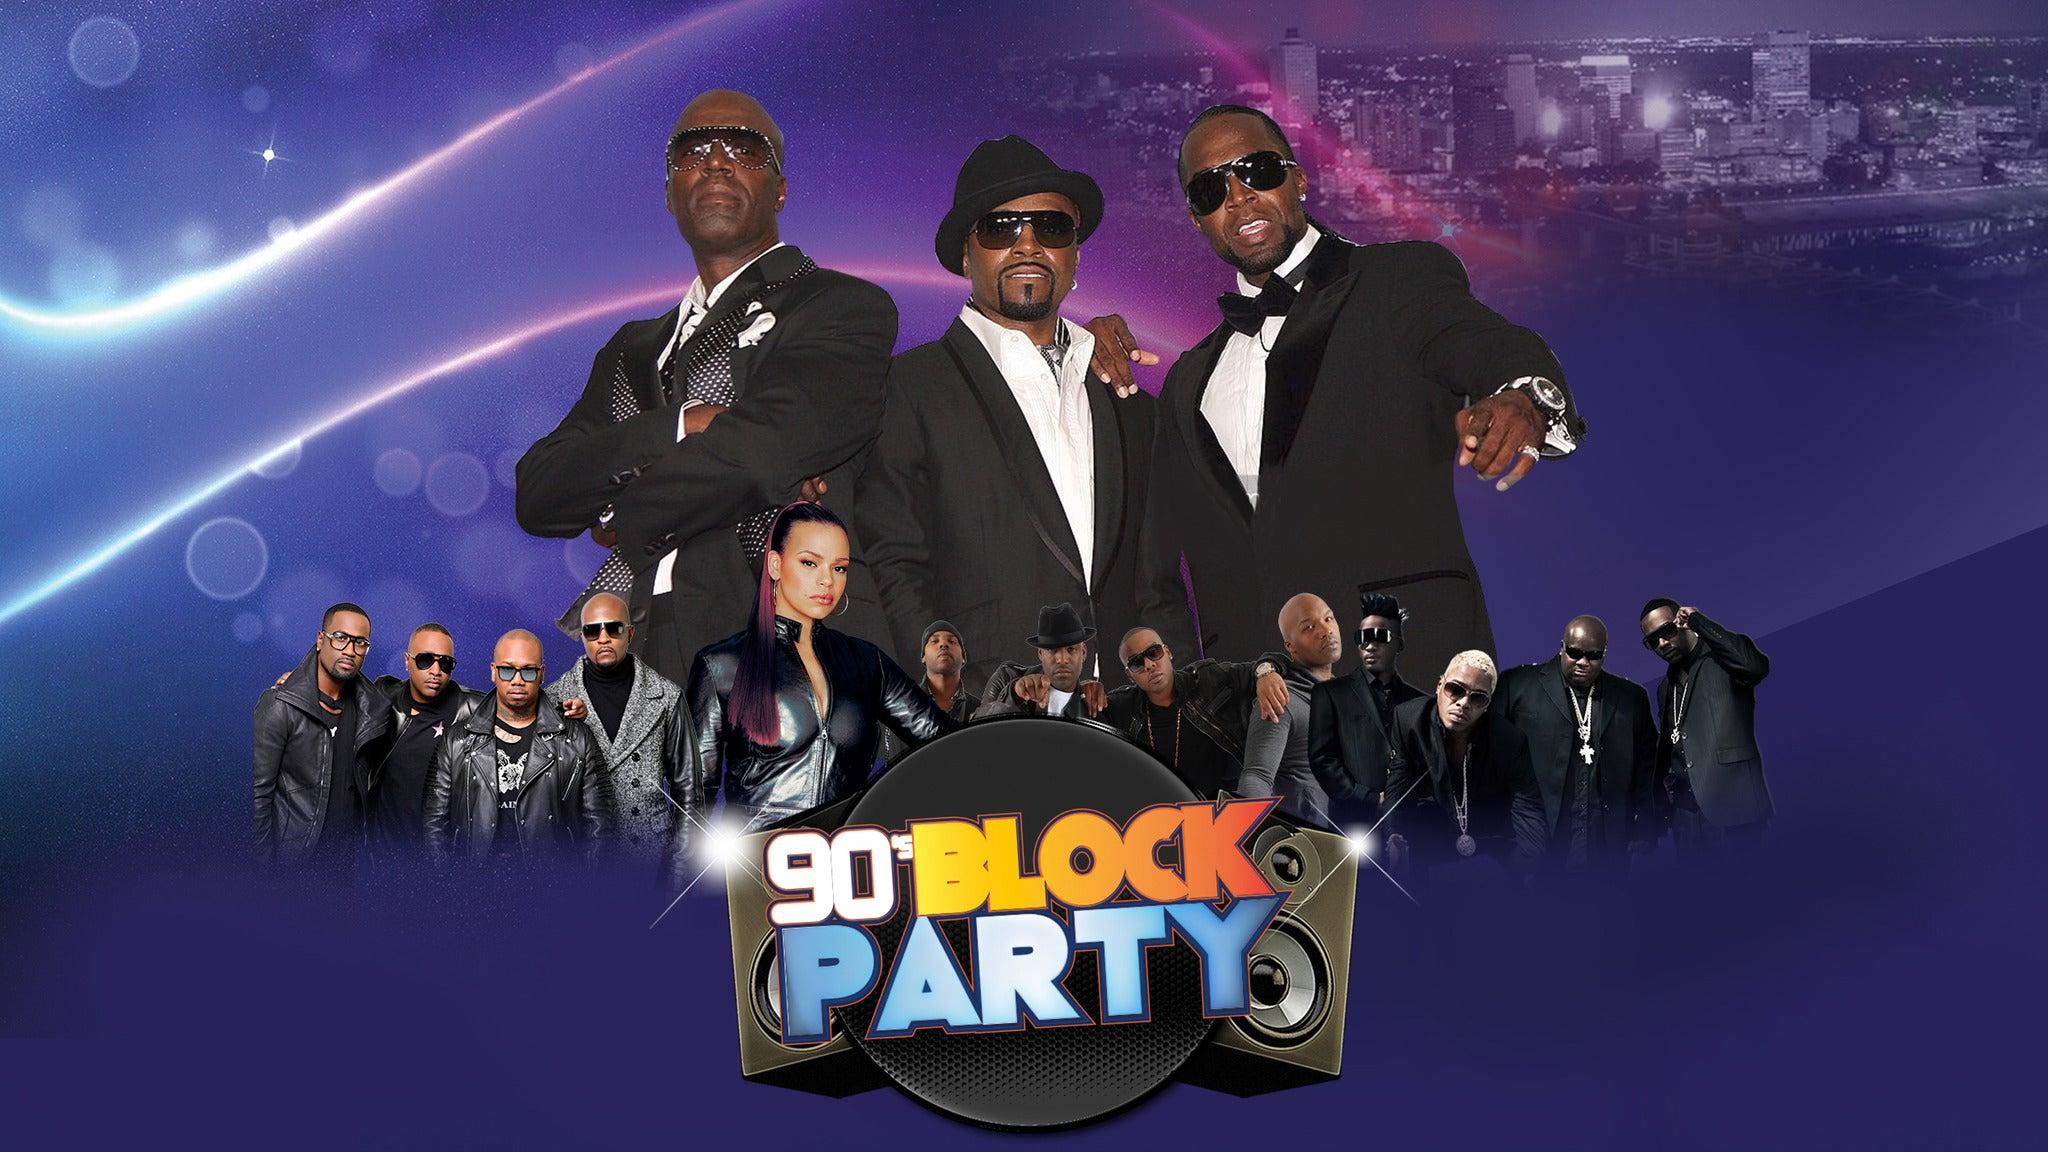 Memphis 90s Block Party